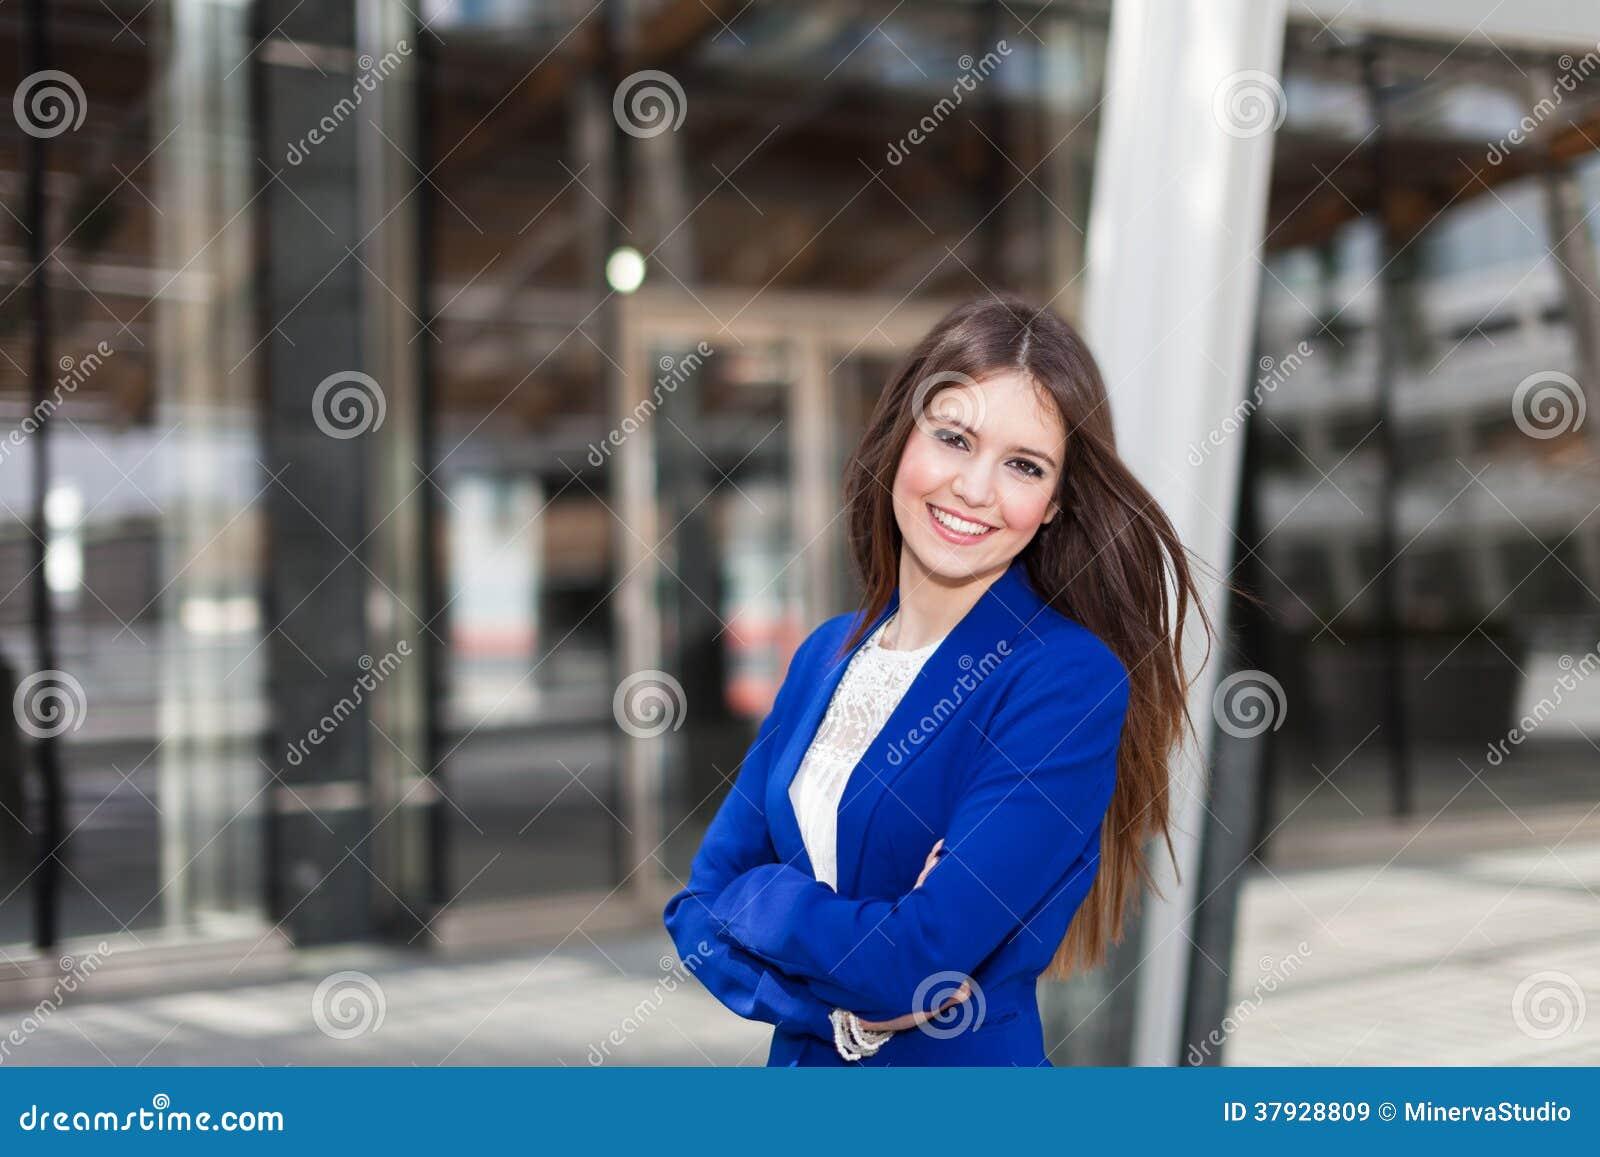 Внешний портрет бизнес-леди